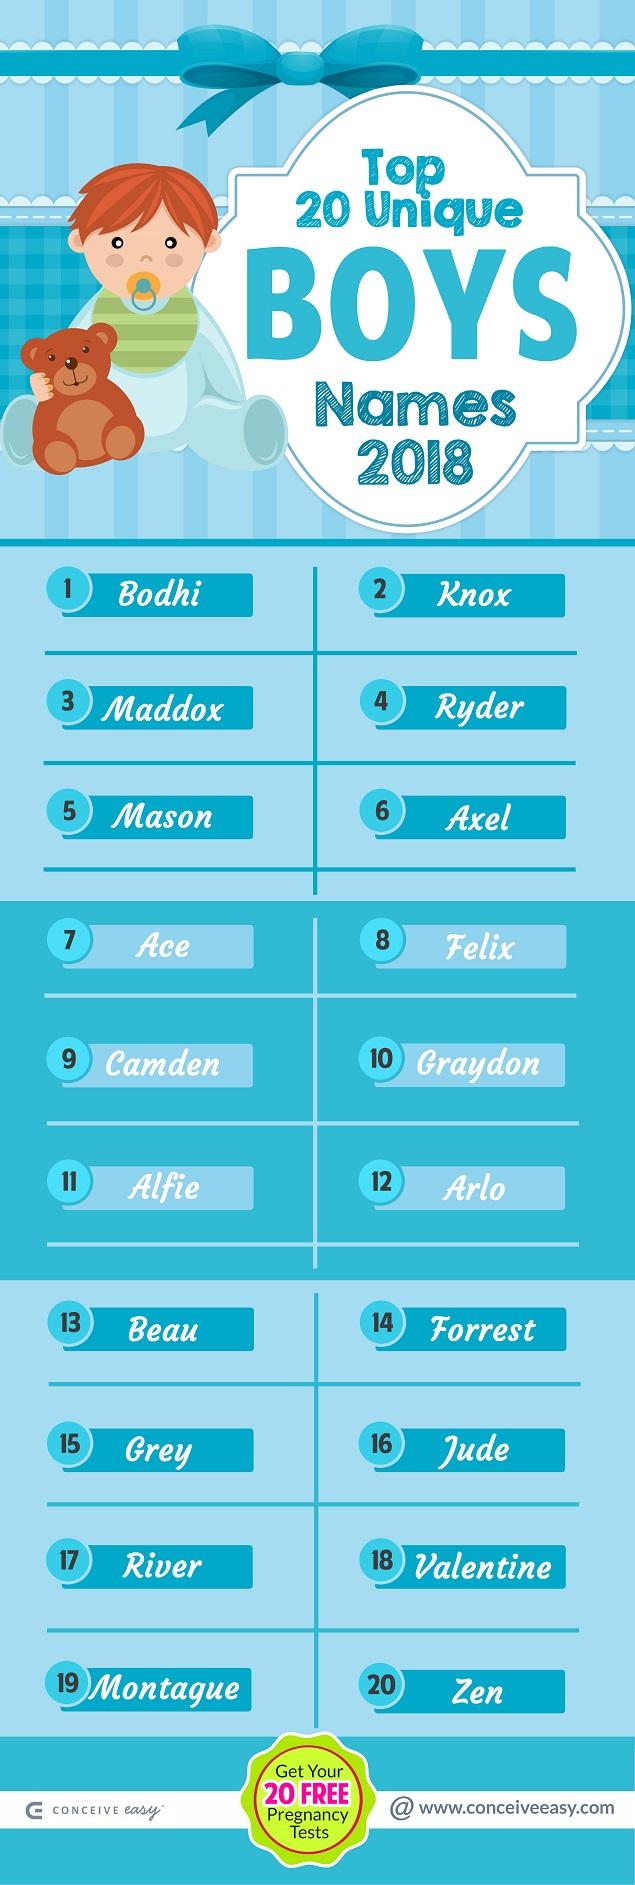 Unique Boys Names Infographic